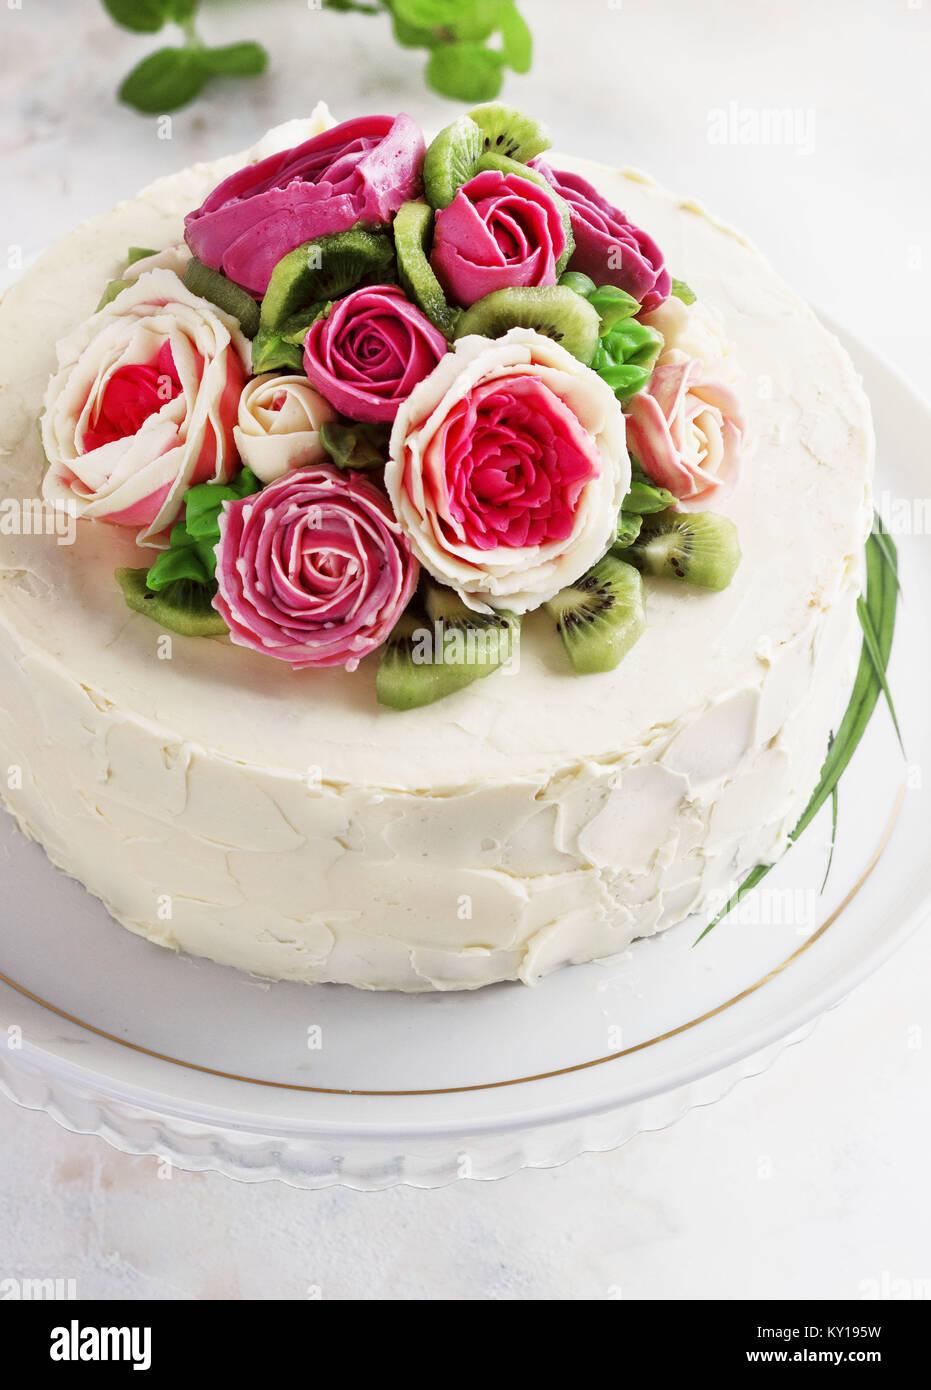 Gâteau d'anniversaire avec des fleurs rose sur fond blanc Photo Stock